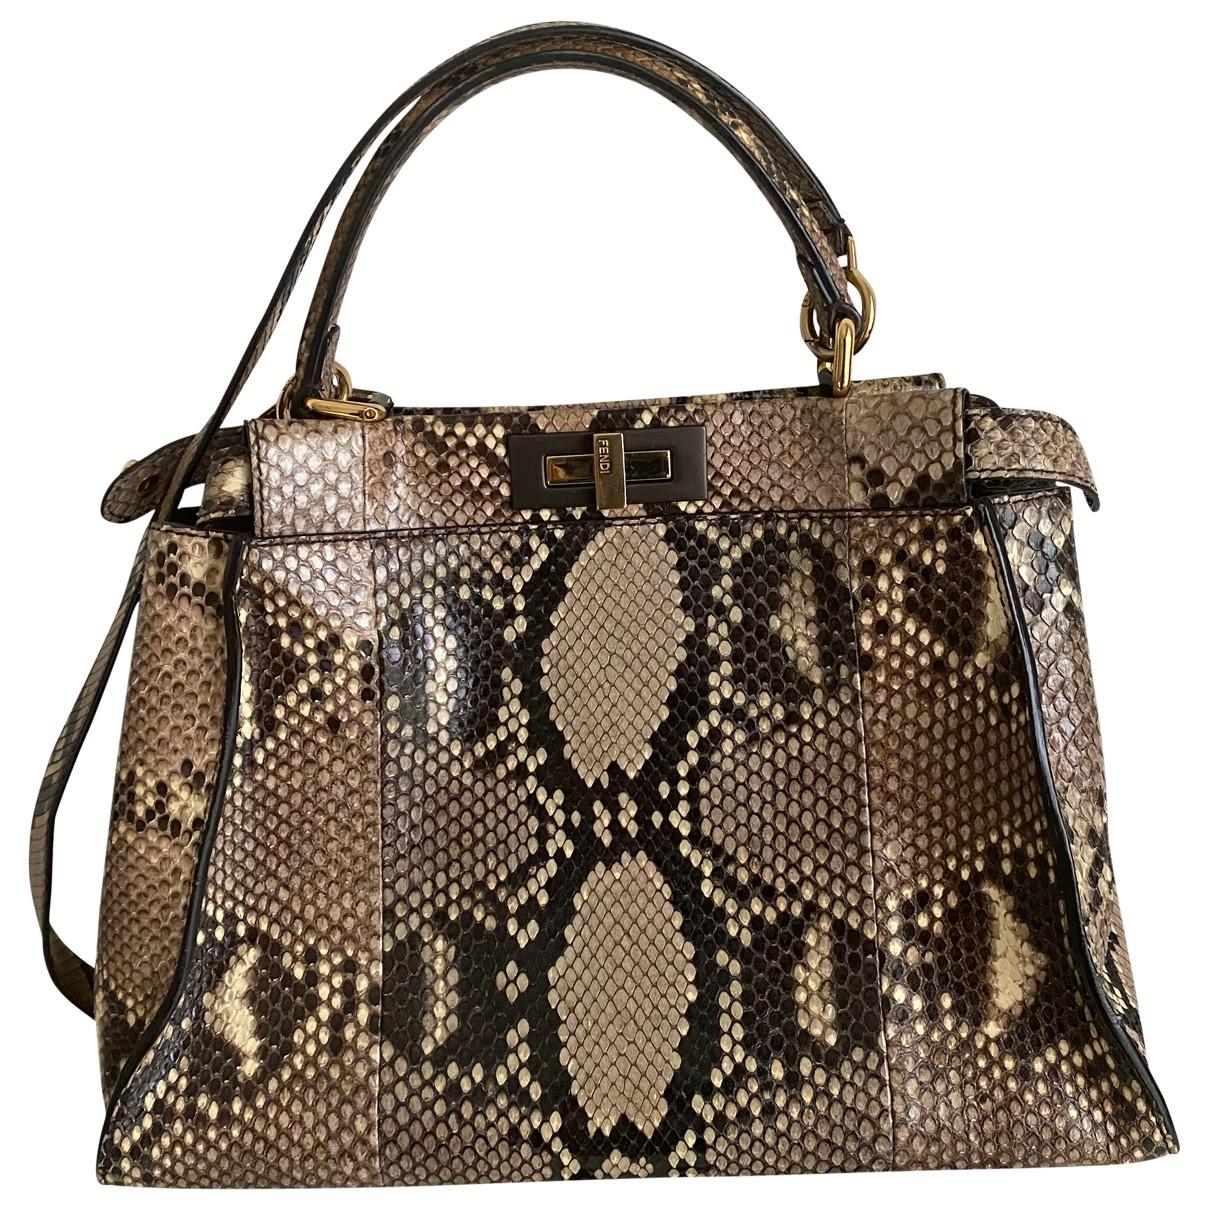 Fendi Peekaboo Handtasche in  Khaki Python